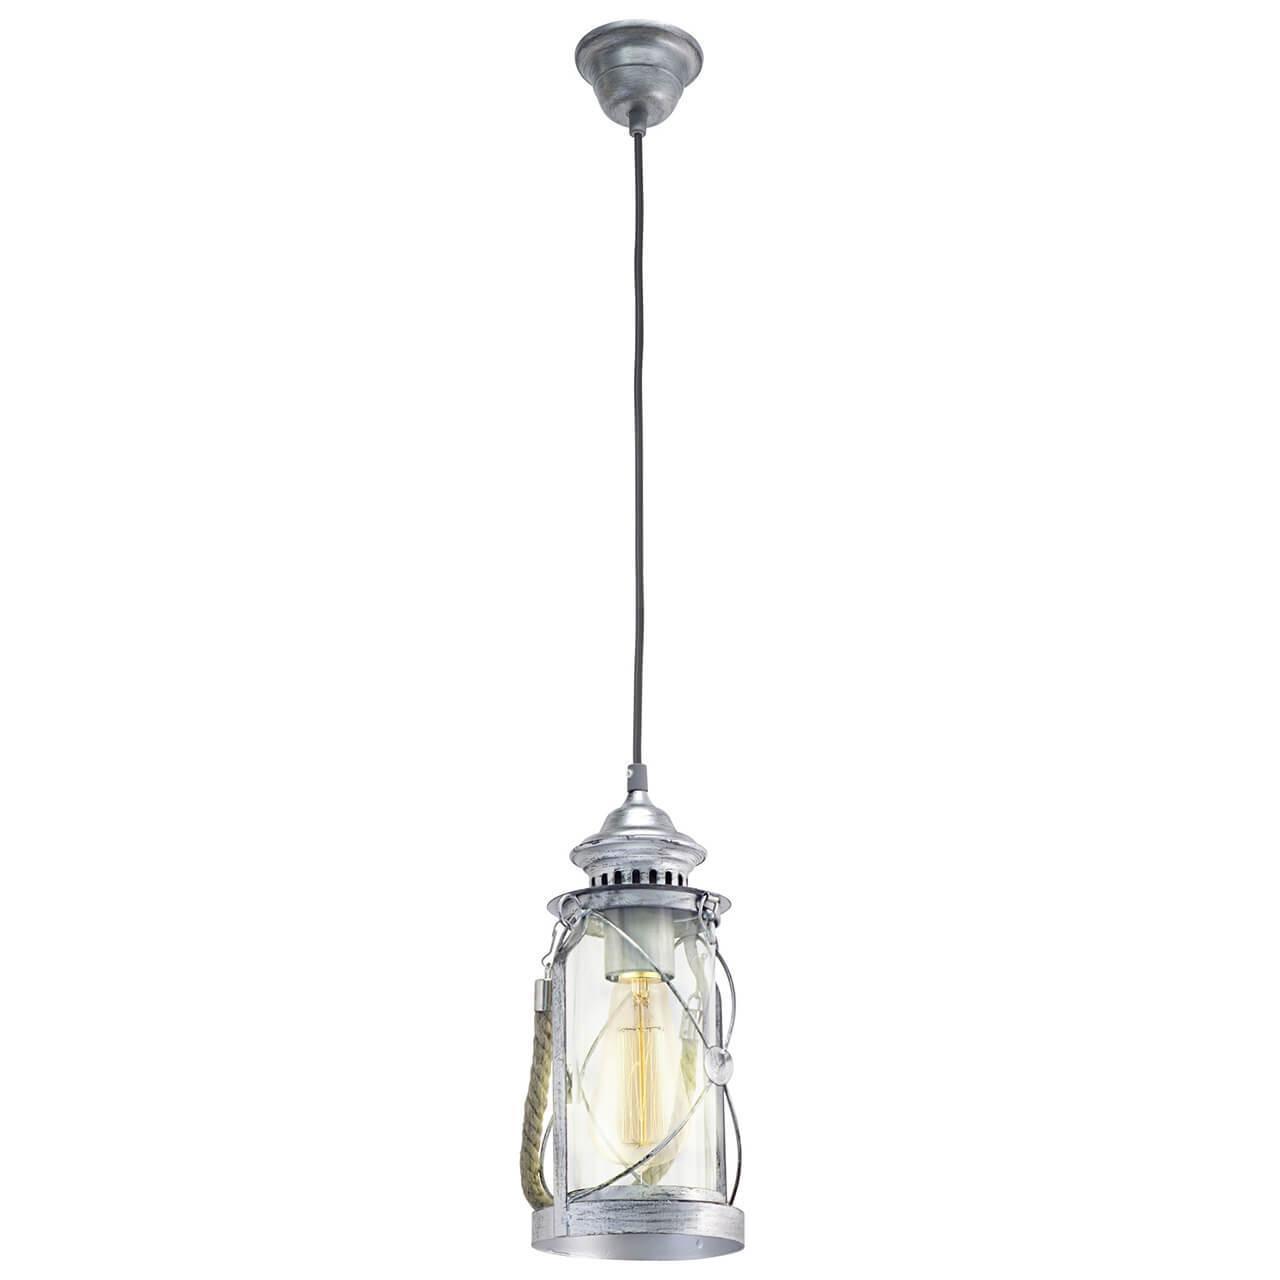 Подвесной светильник Eglo 49214, E27, 60 Вт